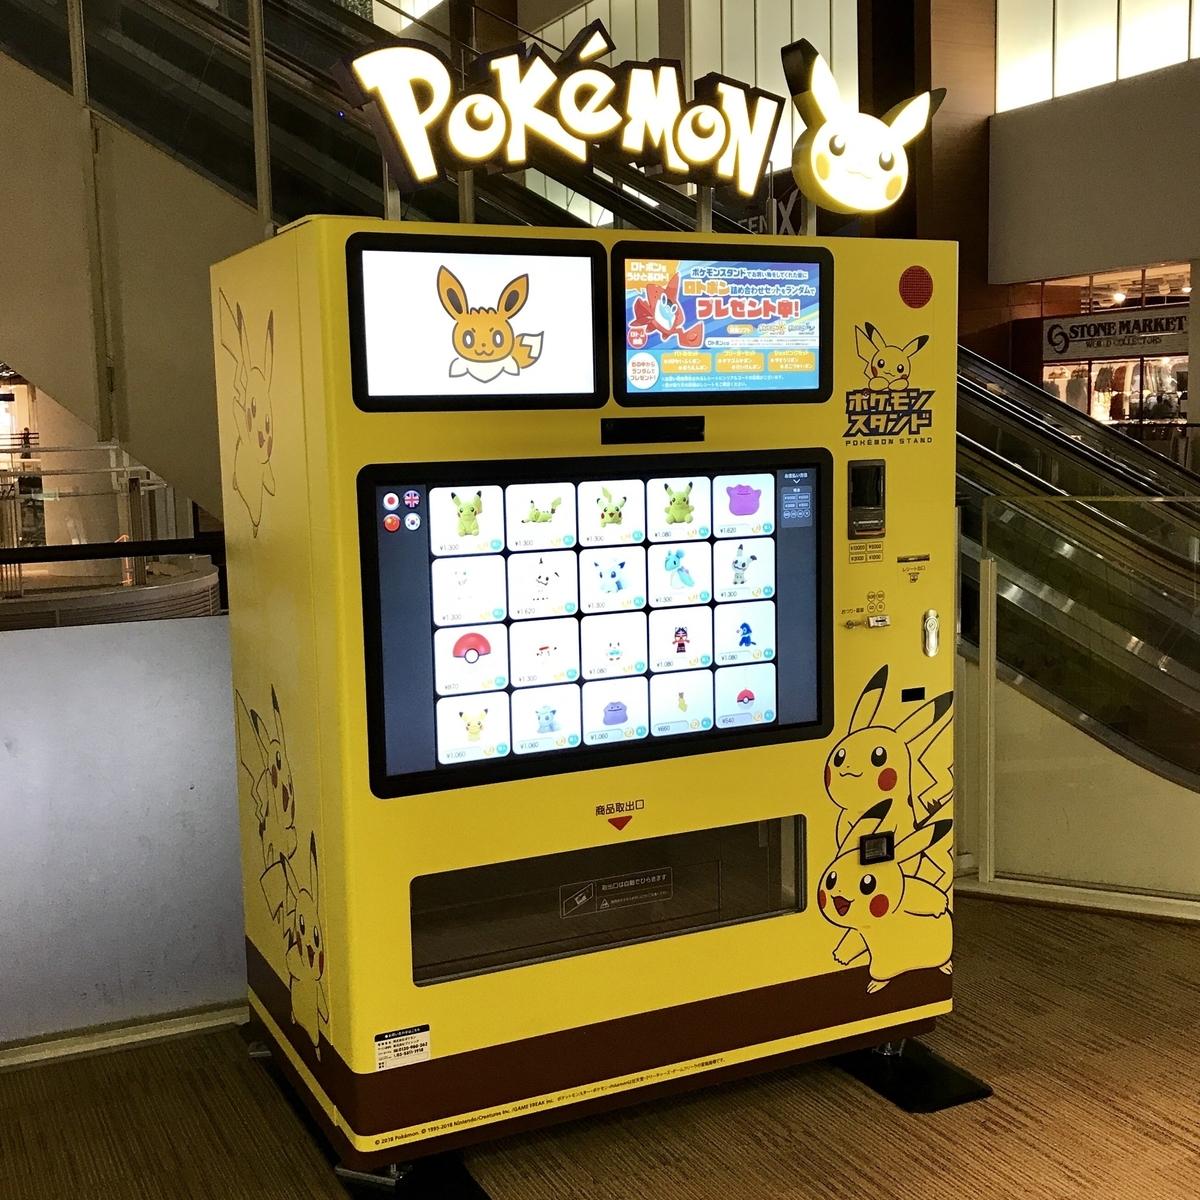 f:id:pikachu_pcn:20190406200204j:plain